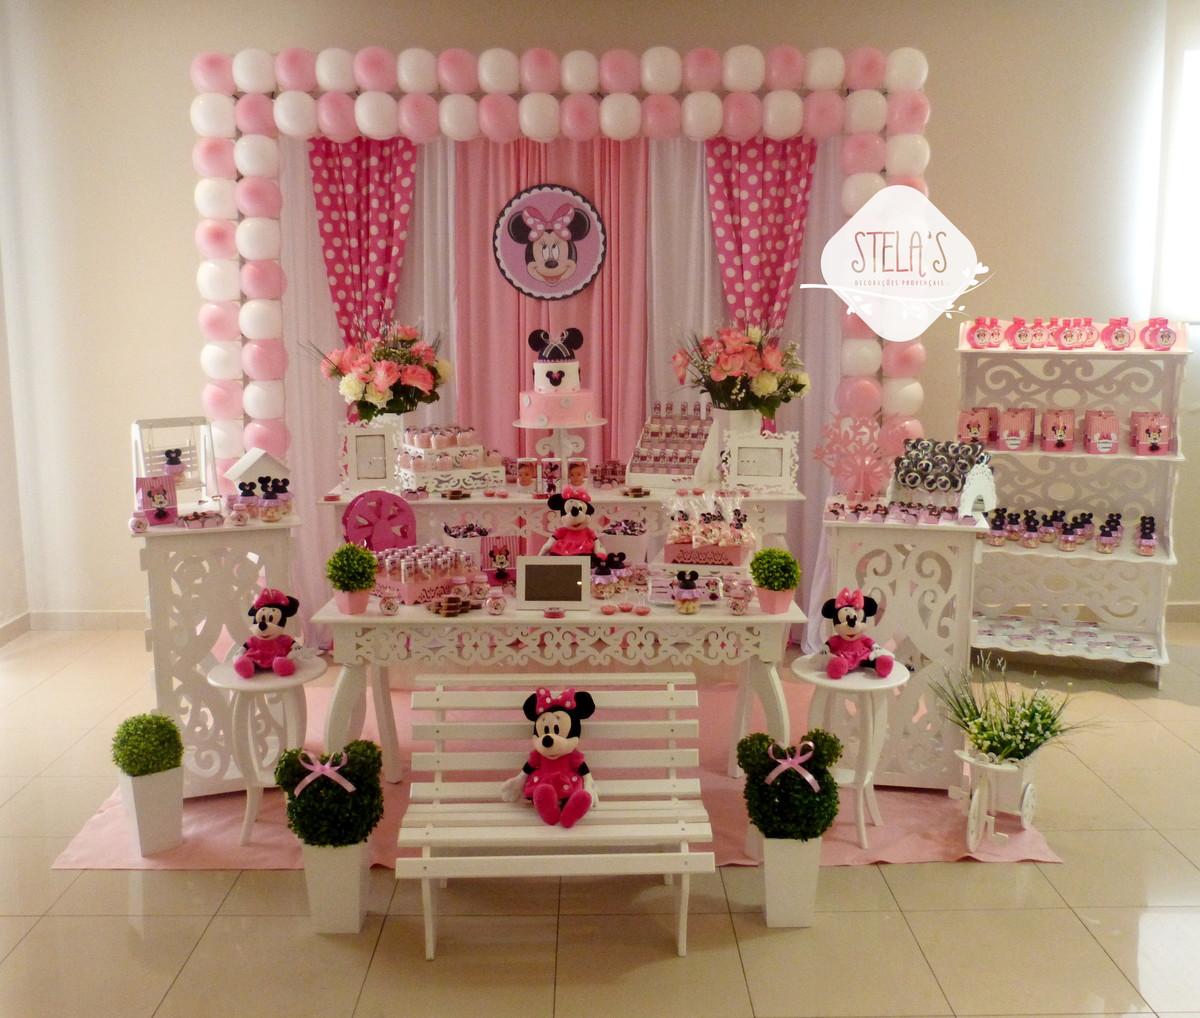 Decoraç u00e3o Minnie Rosa no Elo7 Stelas Decorações Provençais (979E49) -> Decoração De Zebra Para Aniversario